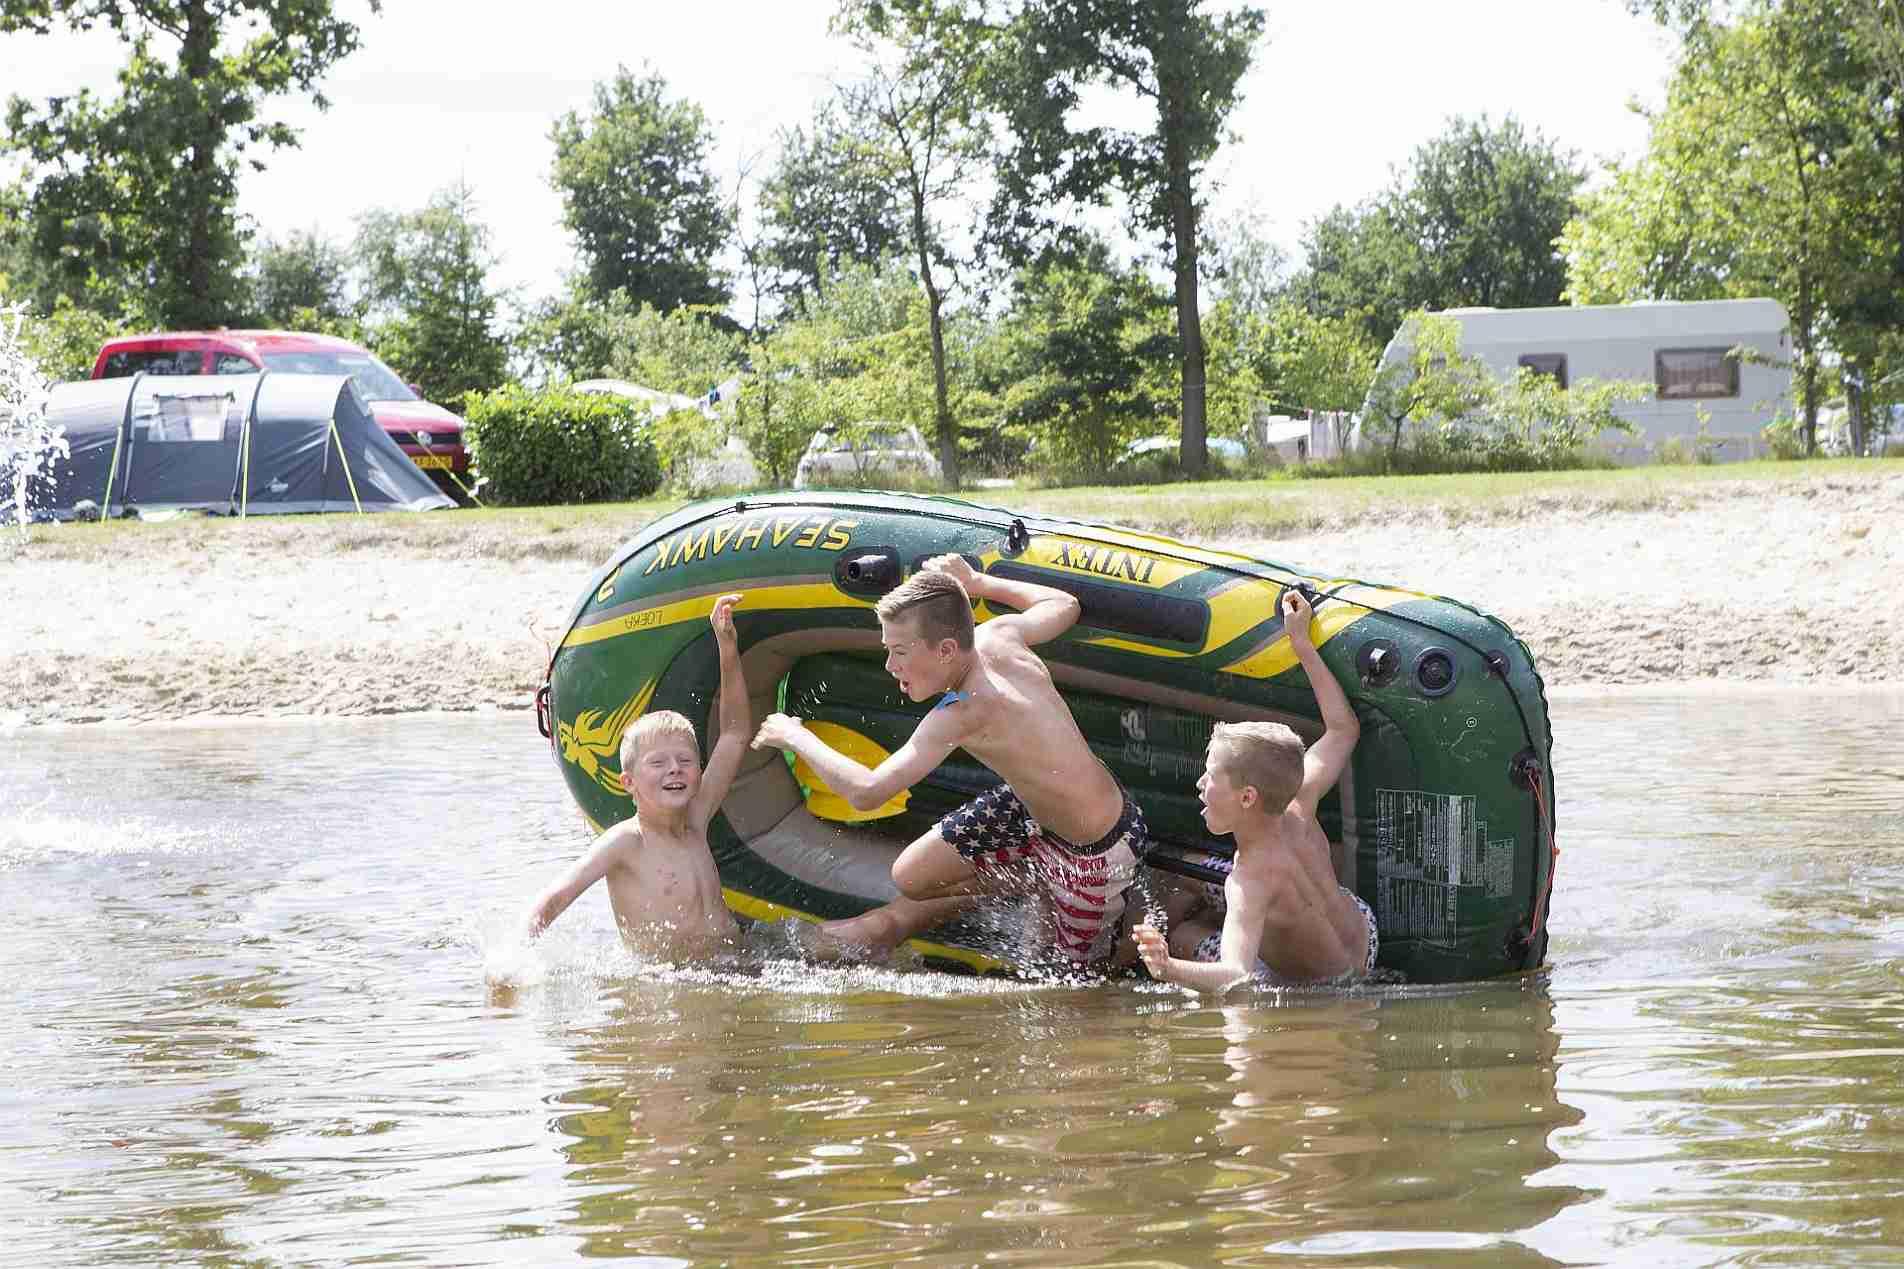 Strandvakantie in Overijssel op een 5 sterren camping - Heerlijke strandvakantie in overijssel